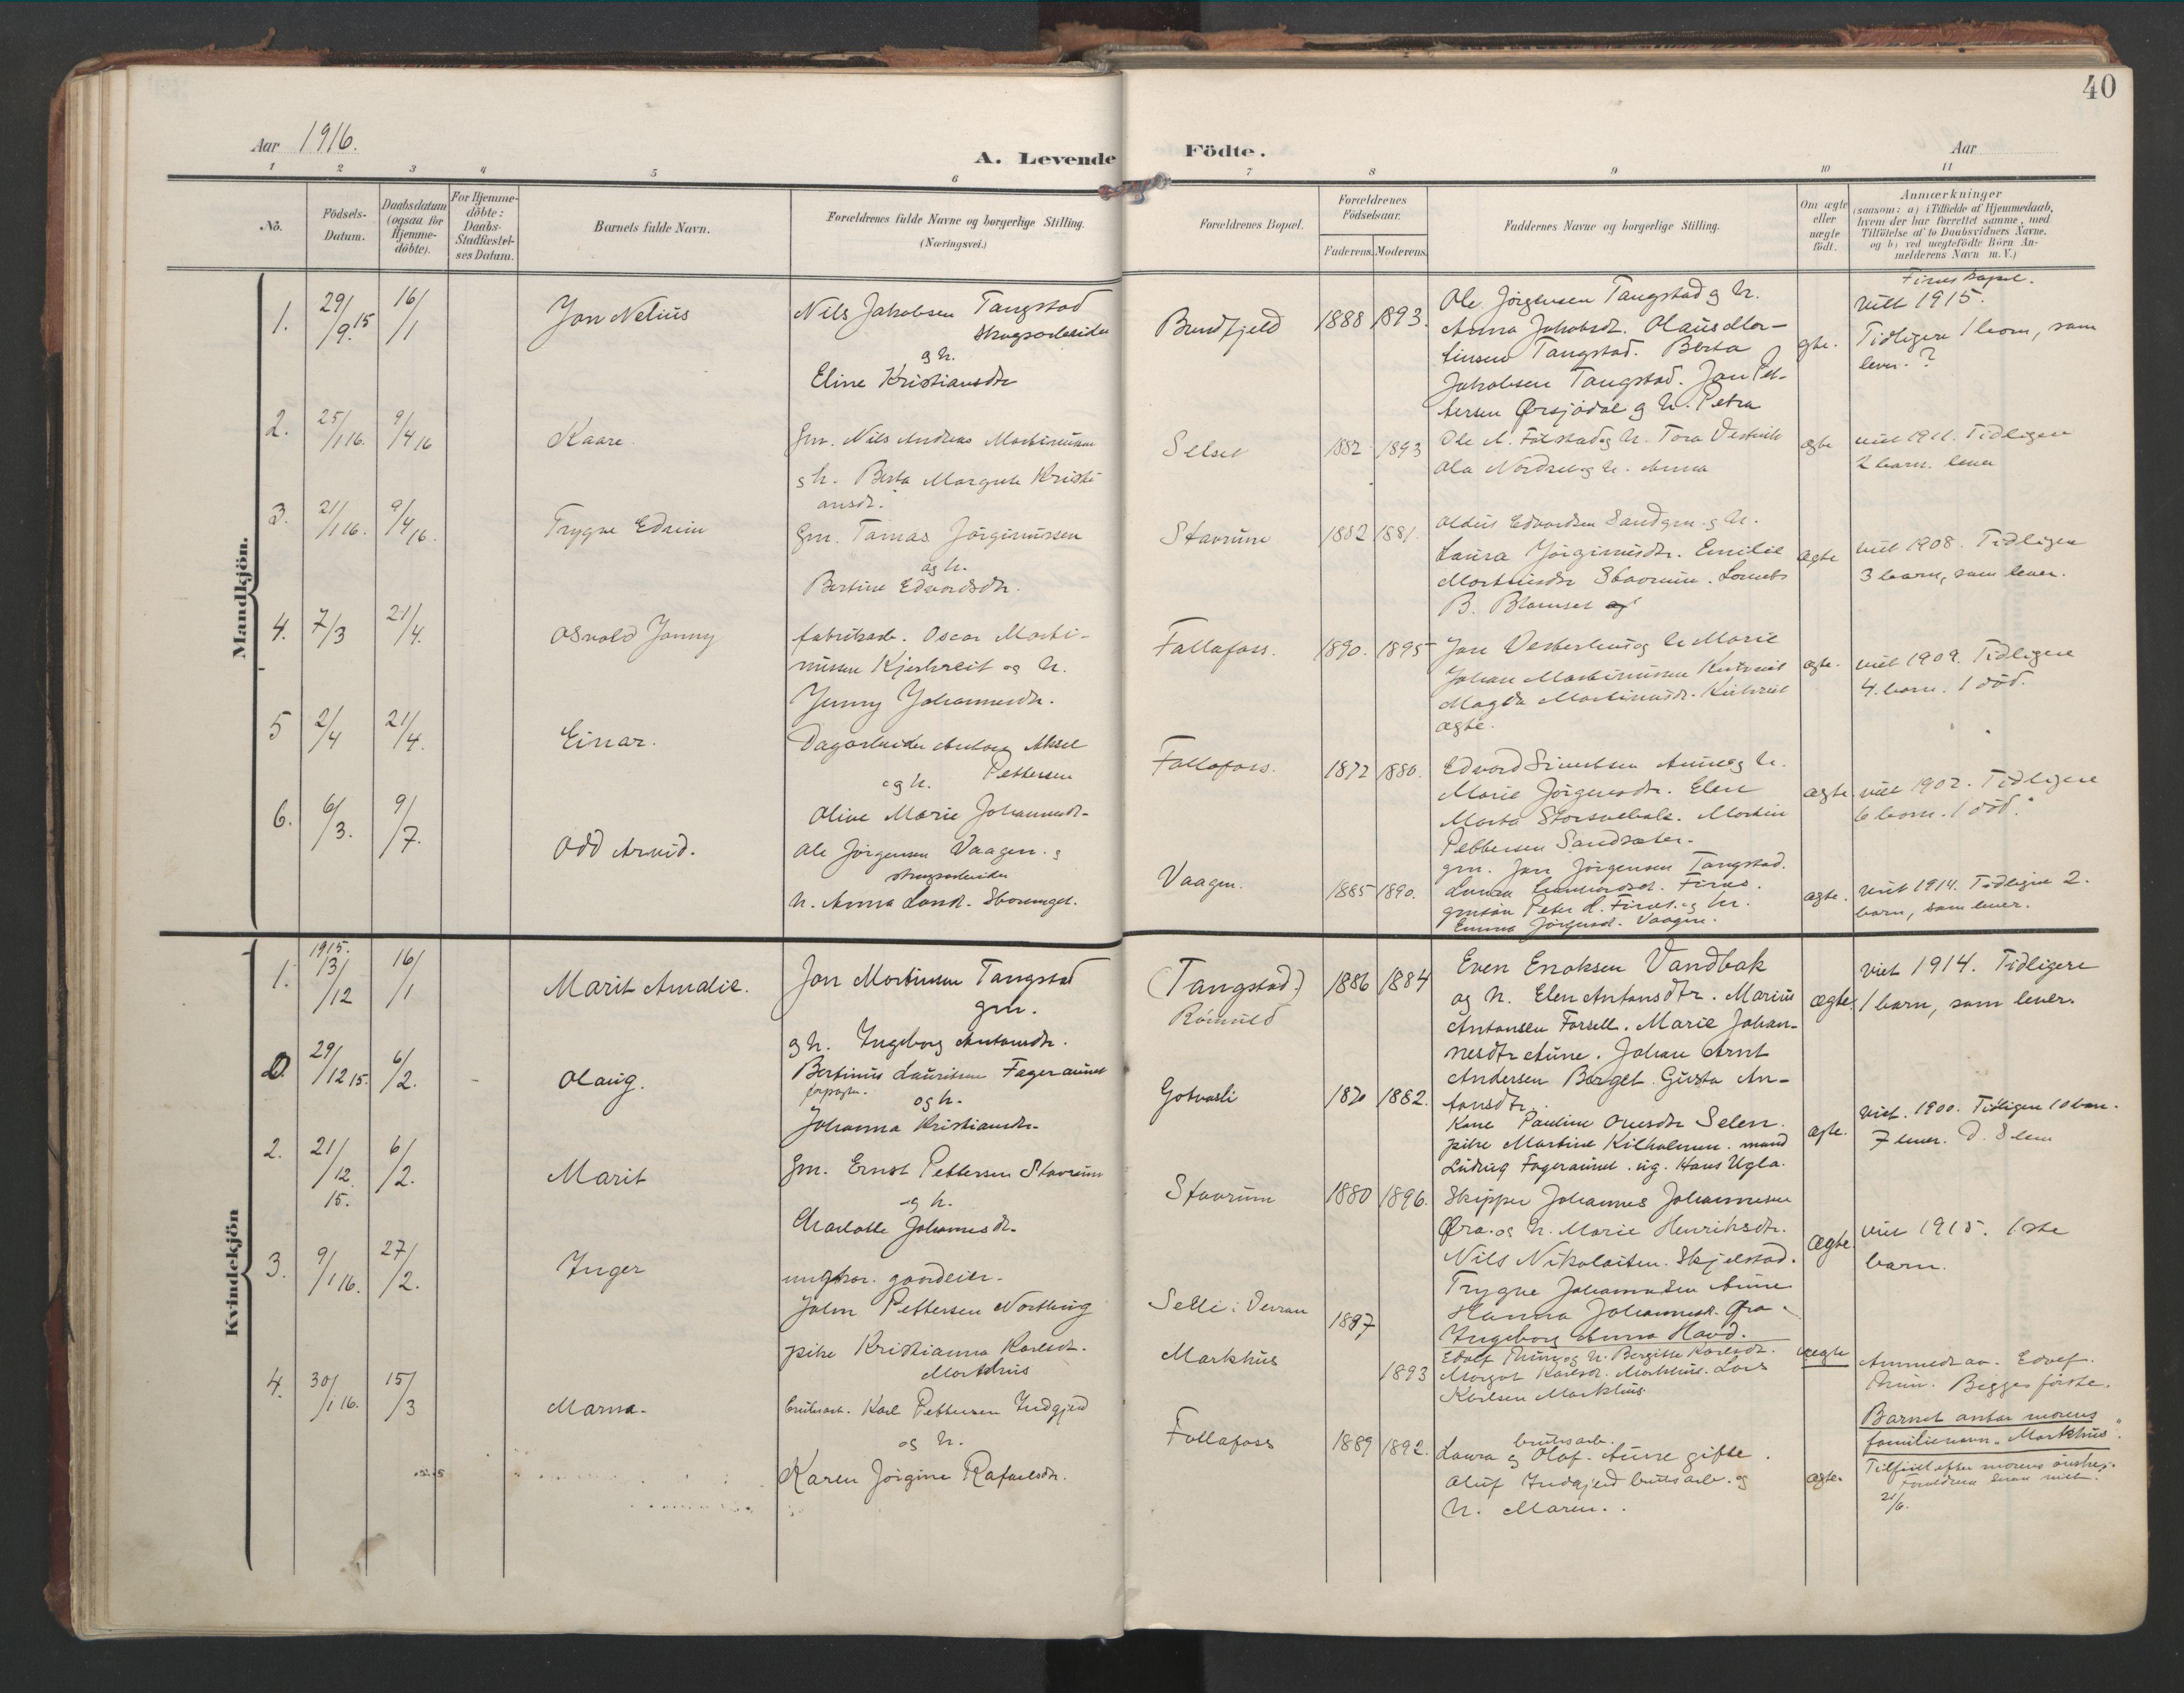 SAT, Ministerialprotokoller, klokkerbøker og fødselsregistre - Nord-Trøndelag, 744/L0421: Ministerialbok nr. 744A05, 1905-1930, s. 40